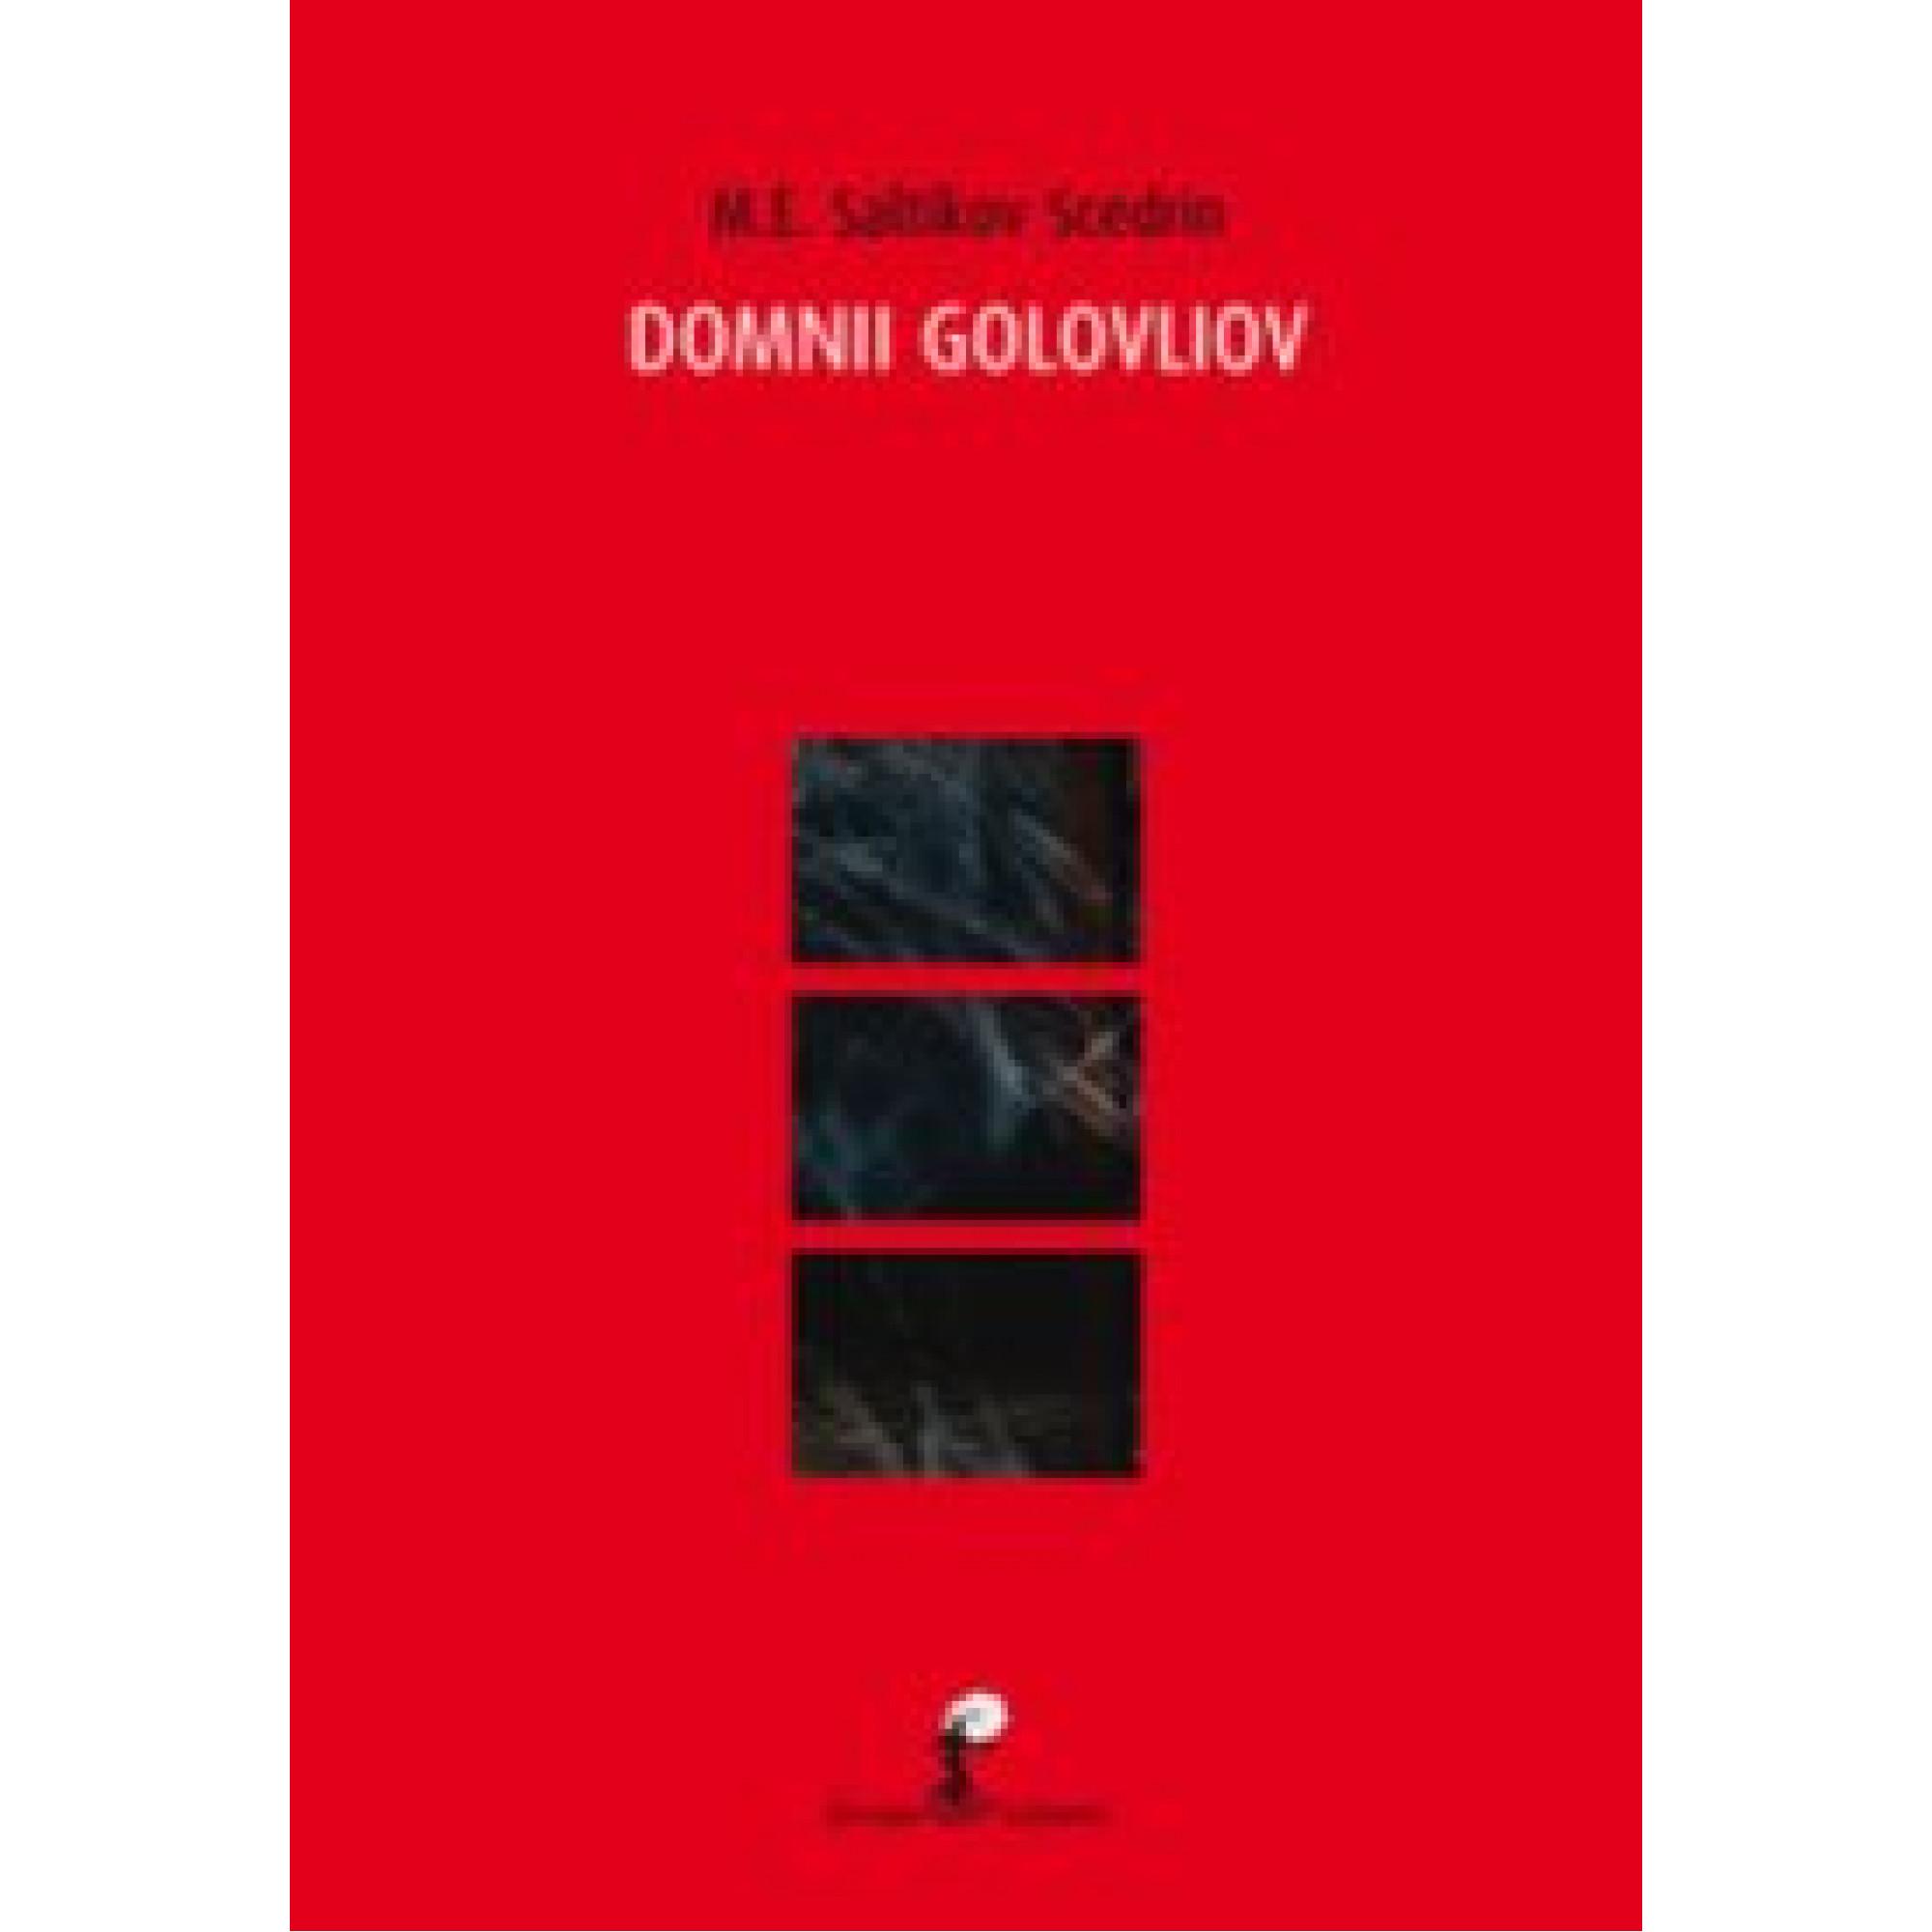 Domnii Golovliov; M. E. Saltîkov-Șcedrin